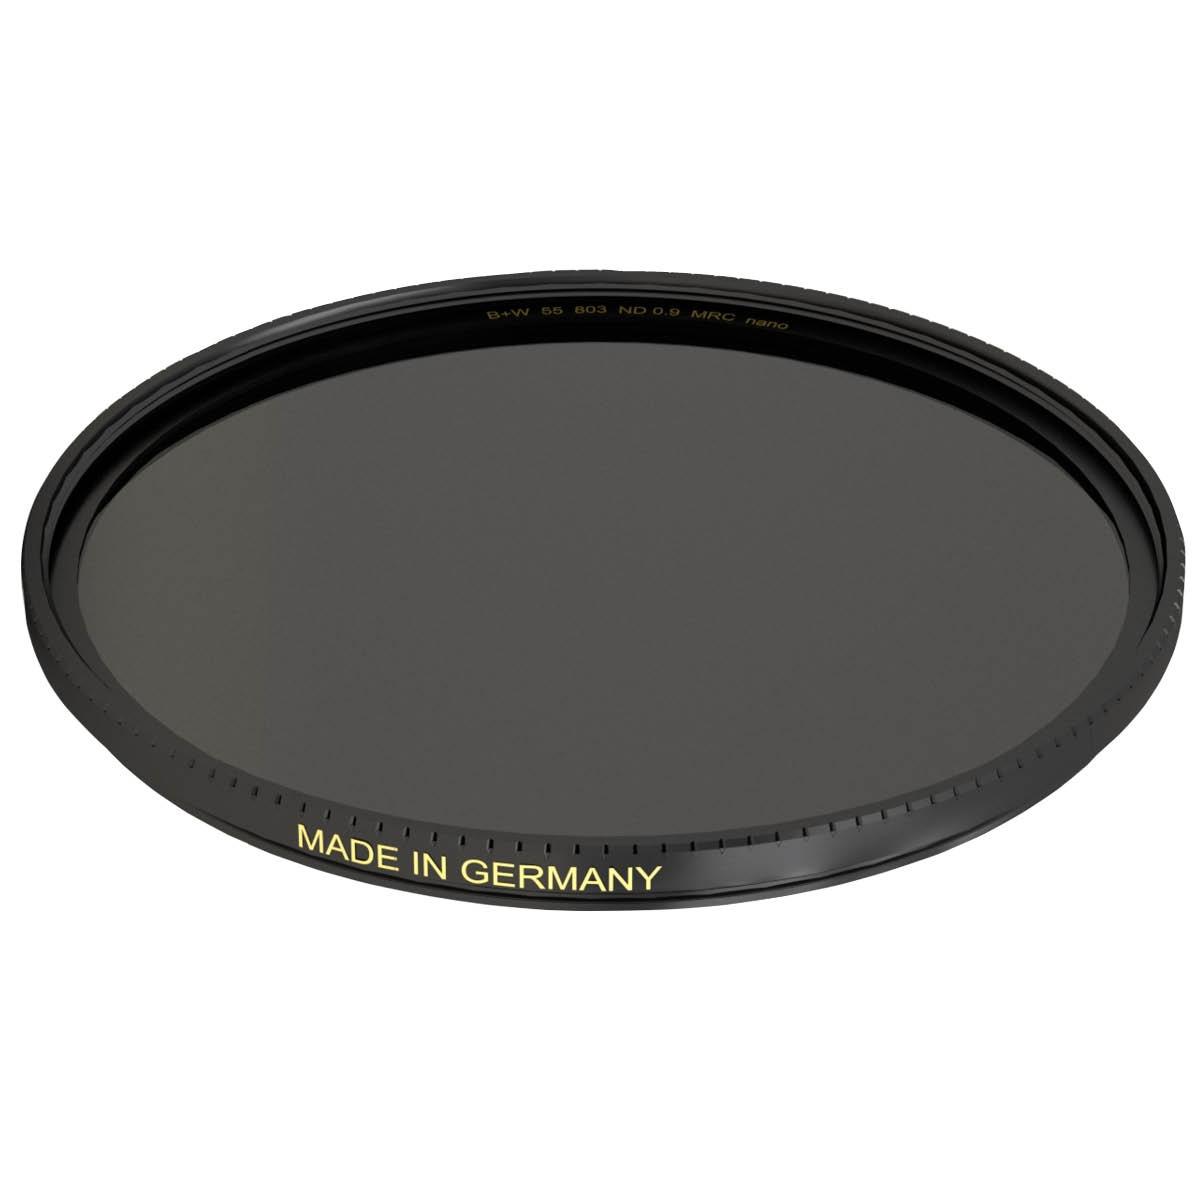 B+W Graufilter 62 mm XS-Pro +3